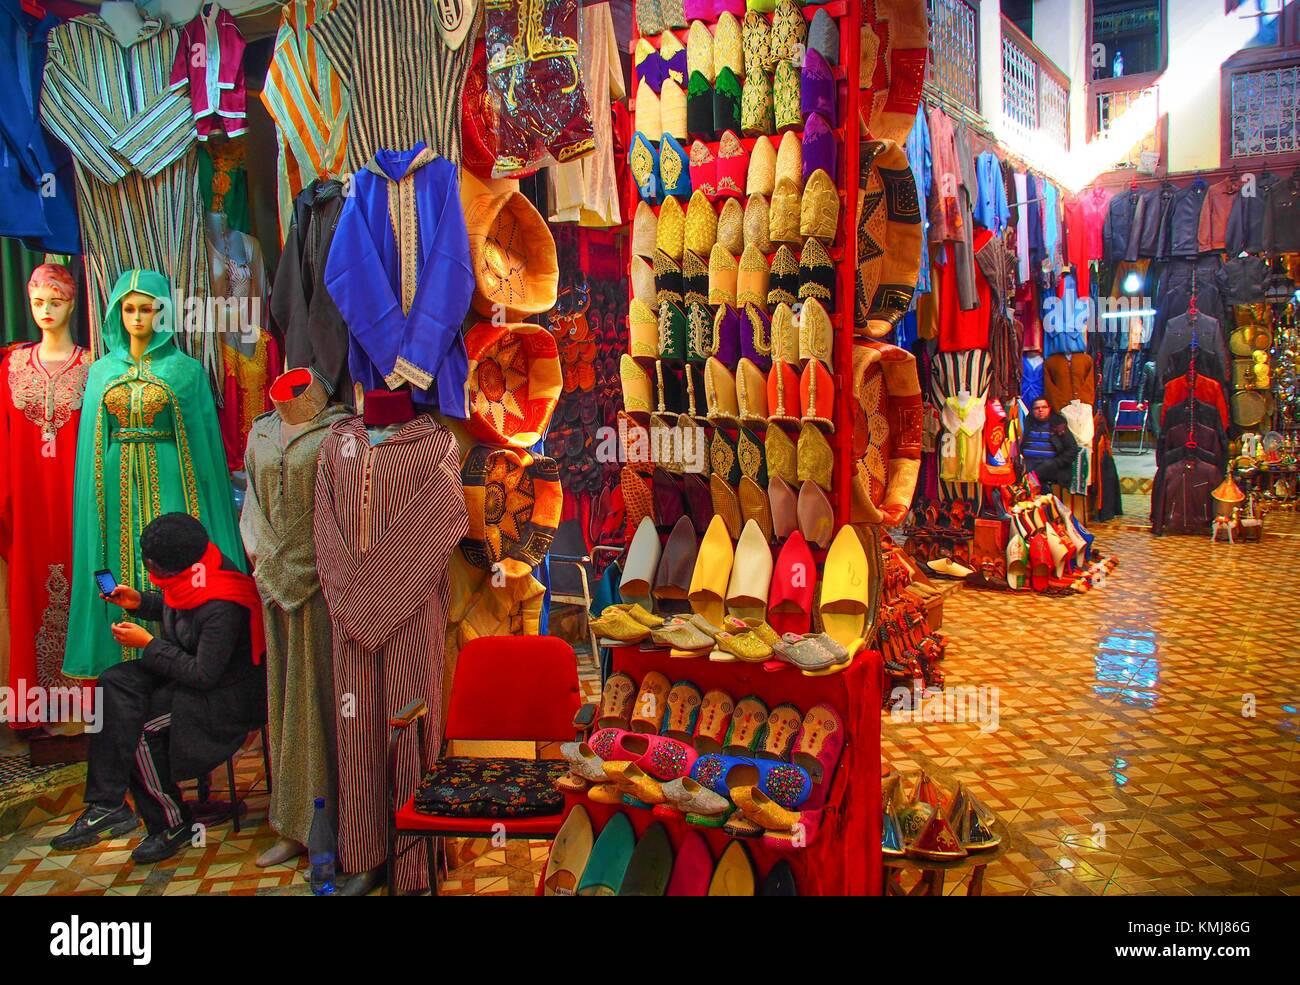 Il Marocco, Fes, in uno dei tanti souk di ''Medina'' (parte Vecchia) di Fes. Immagini Stock